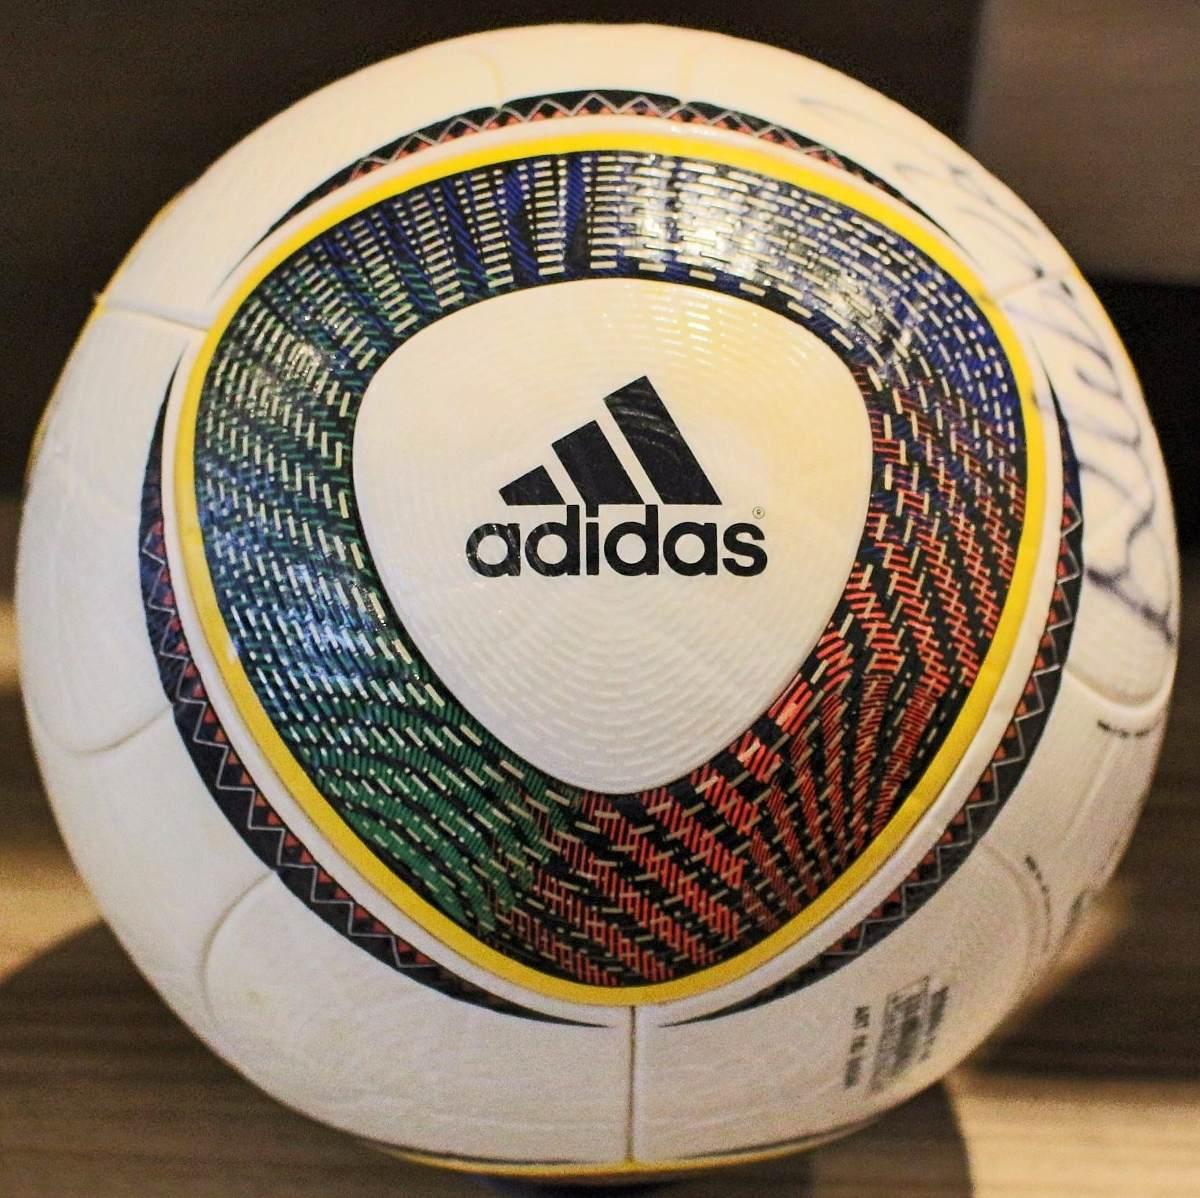 97915d1f09a26 Linda Bola adidas Jabulani Oficial De Jogo Copa 2010 - R  799